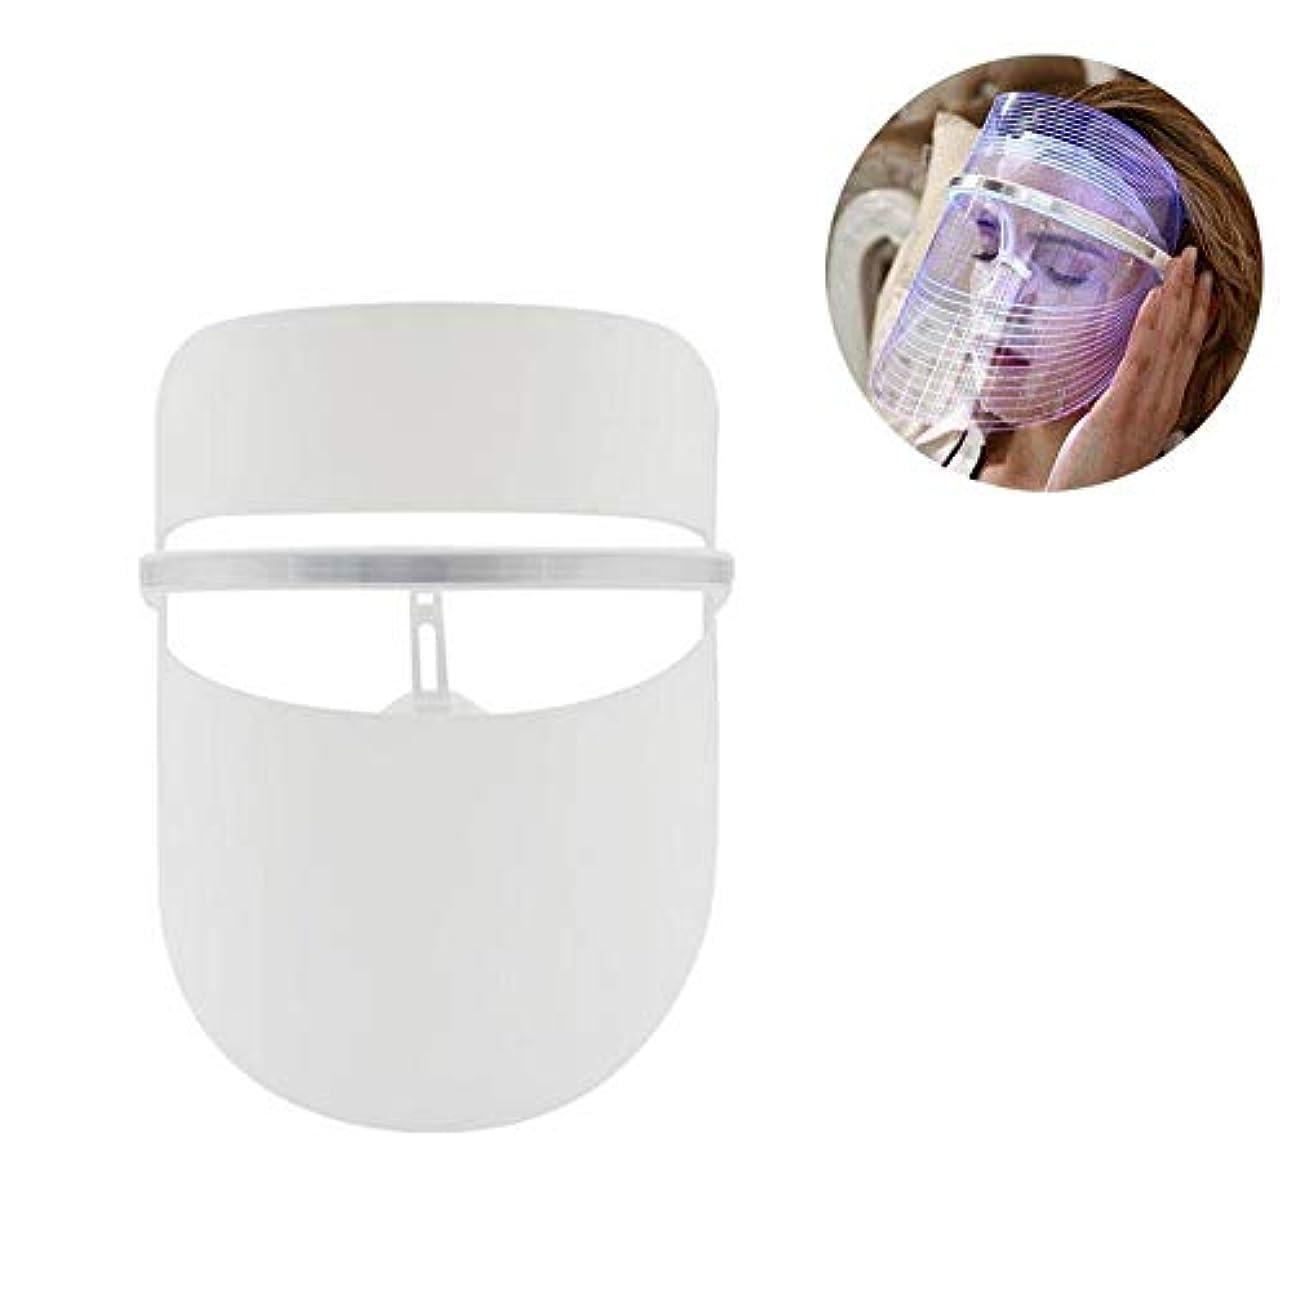 背が高いお気に入りできない3色LEDライトフェイスマスクしわ除去フェイシャルライトセラピーアンチエイジングシワフェイシャルスキンケアマスク